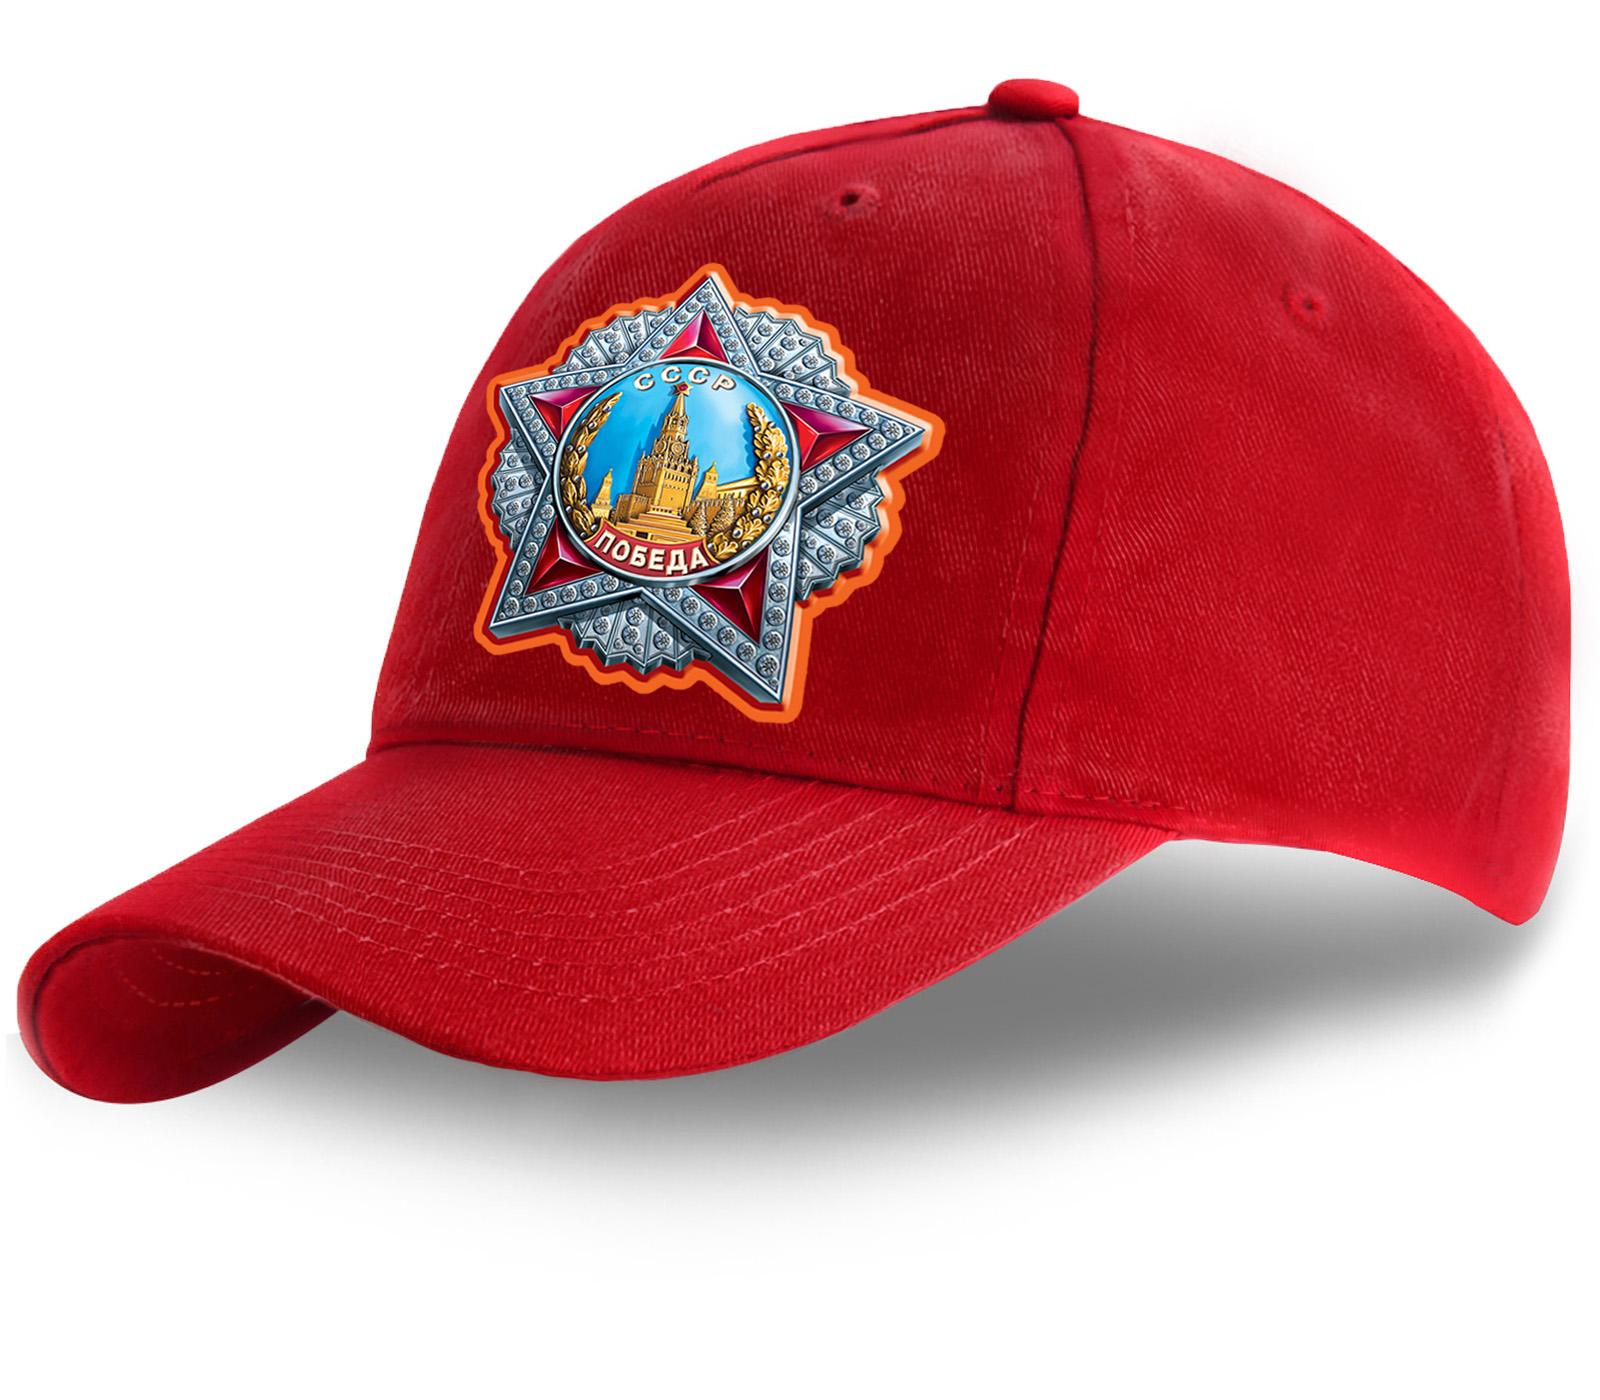 Красная бейсболка «Победа» с орденской символикой